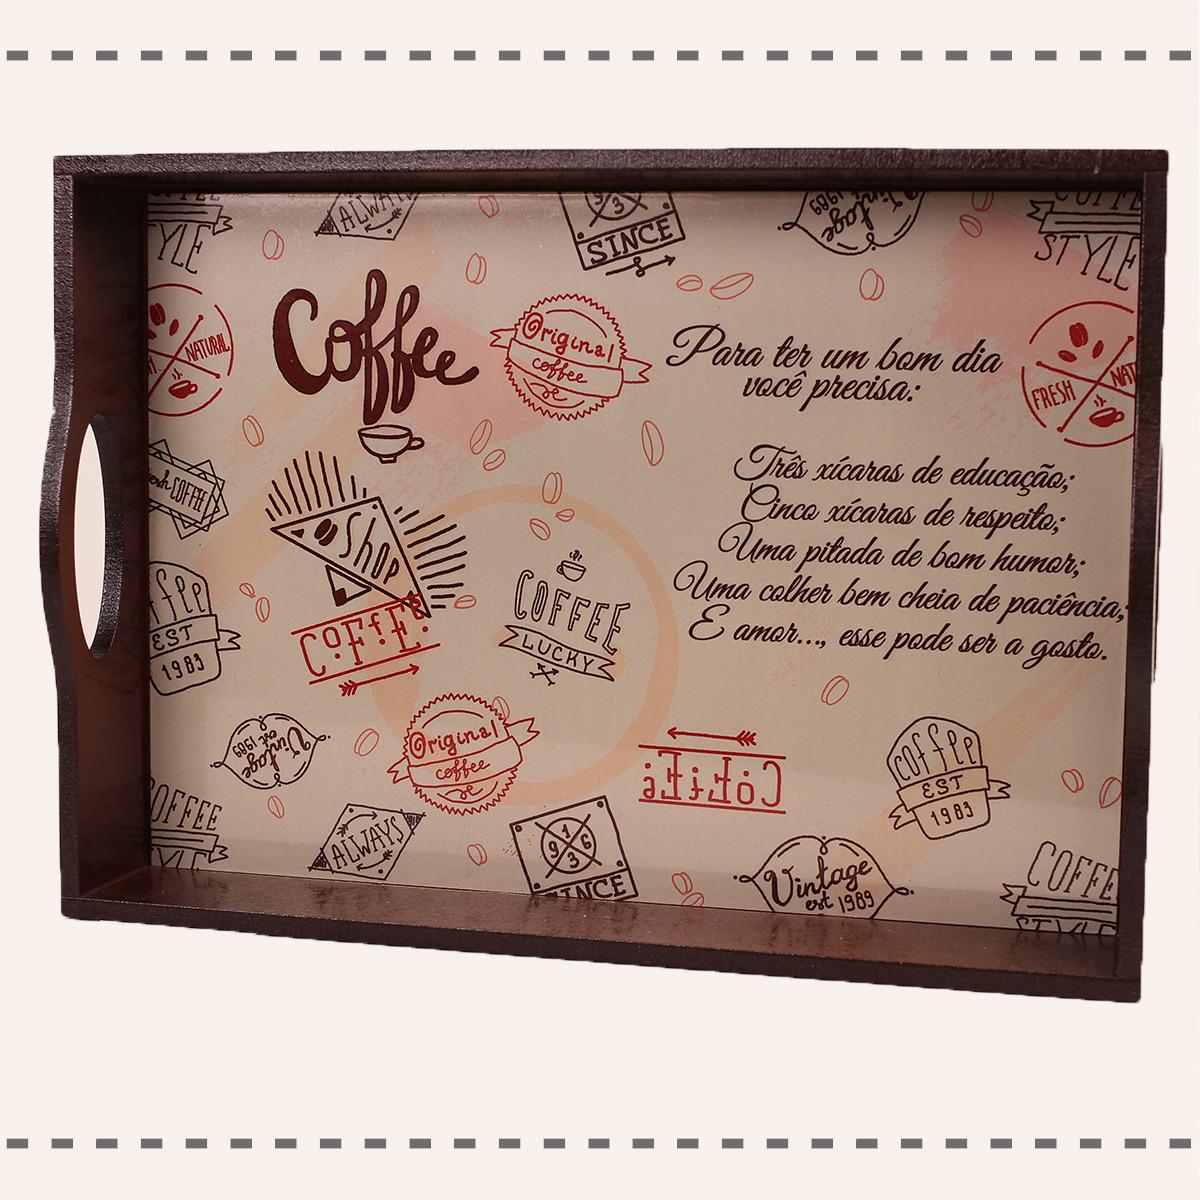 Bandeja Café da Manhã / Decór Personalizável